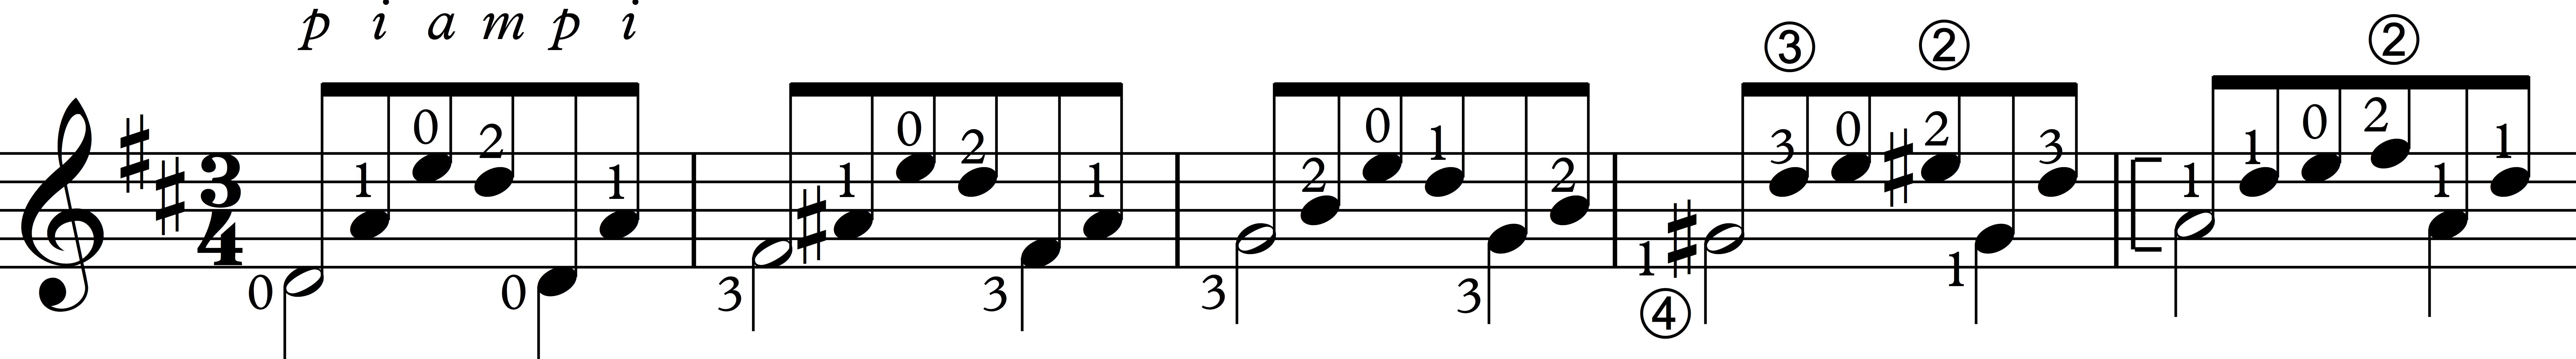 right hand barrios rhythms 3 vals.jpg